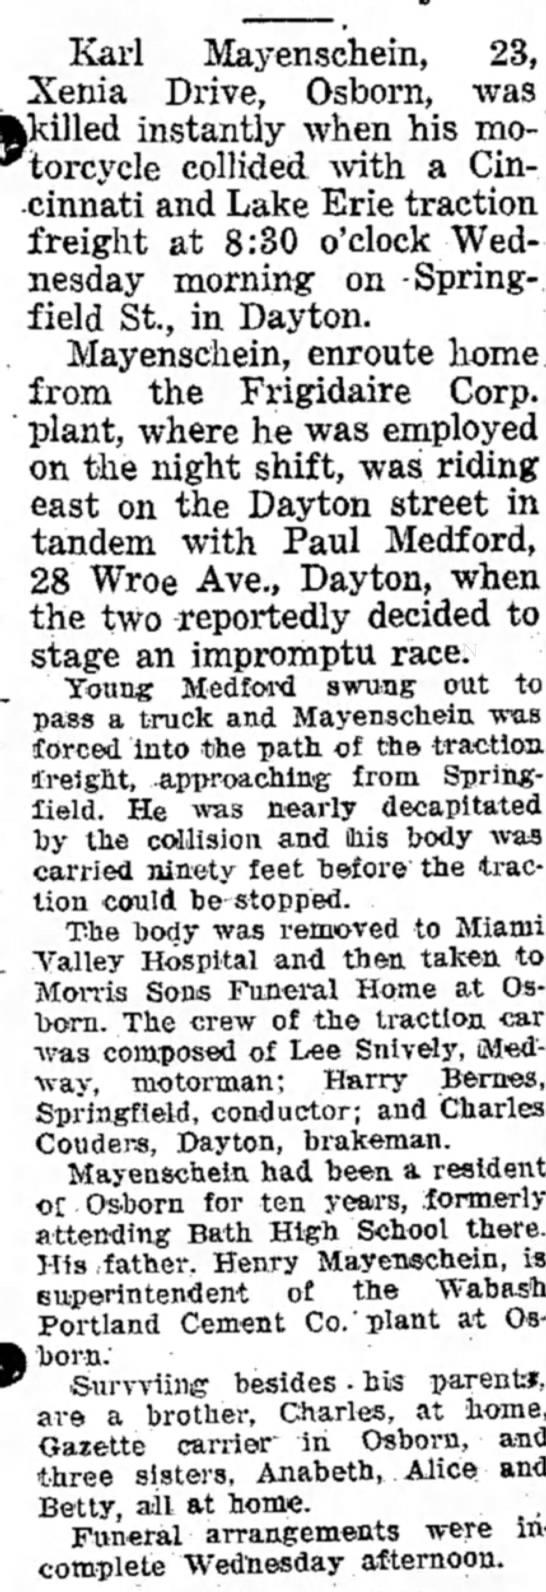 Karl Mayenschein son of Henry Mayenschein.  23 dec 1936 dies in motorcycle accident - Karl Mayenschein, 23, Xenia Drive, Osborn, was...